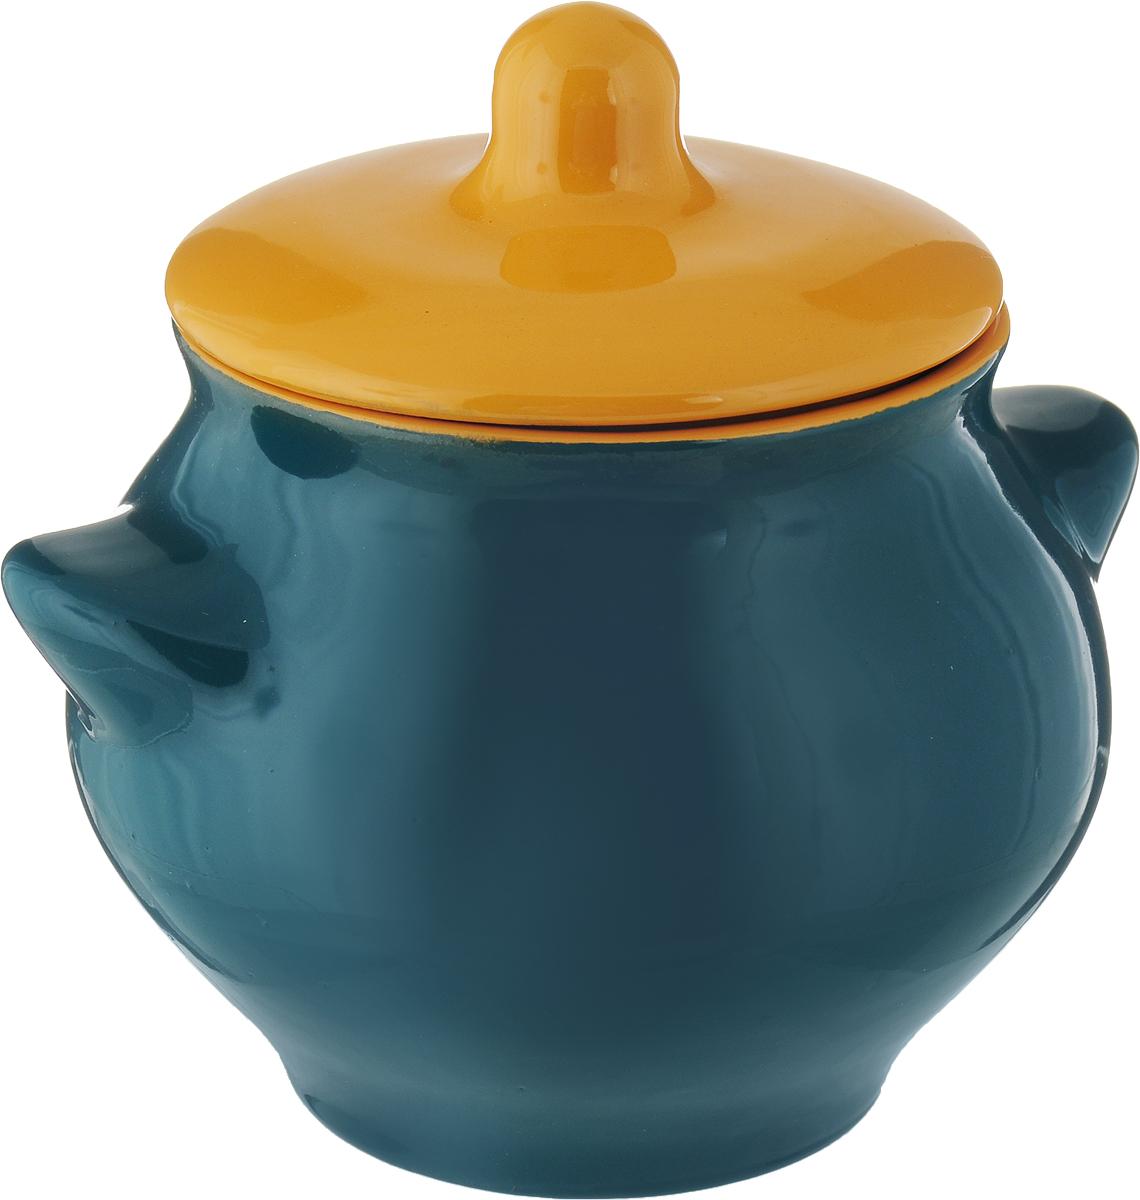 Горшок для жаркого Борисовская керамика Радуга, с крышкой, цвет: морская волна, темно-желтый, 550 мл горшок для запекания борисовская керамика радуга с крышкой цвет голубой желтый 700 мл